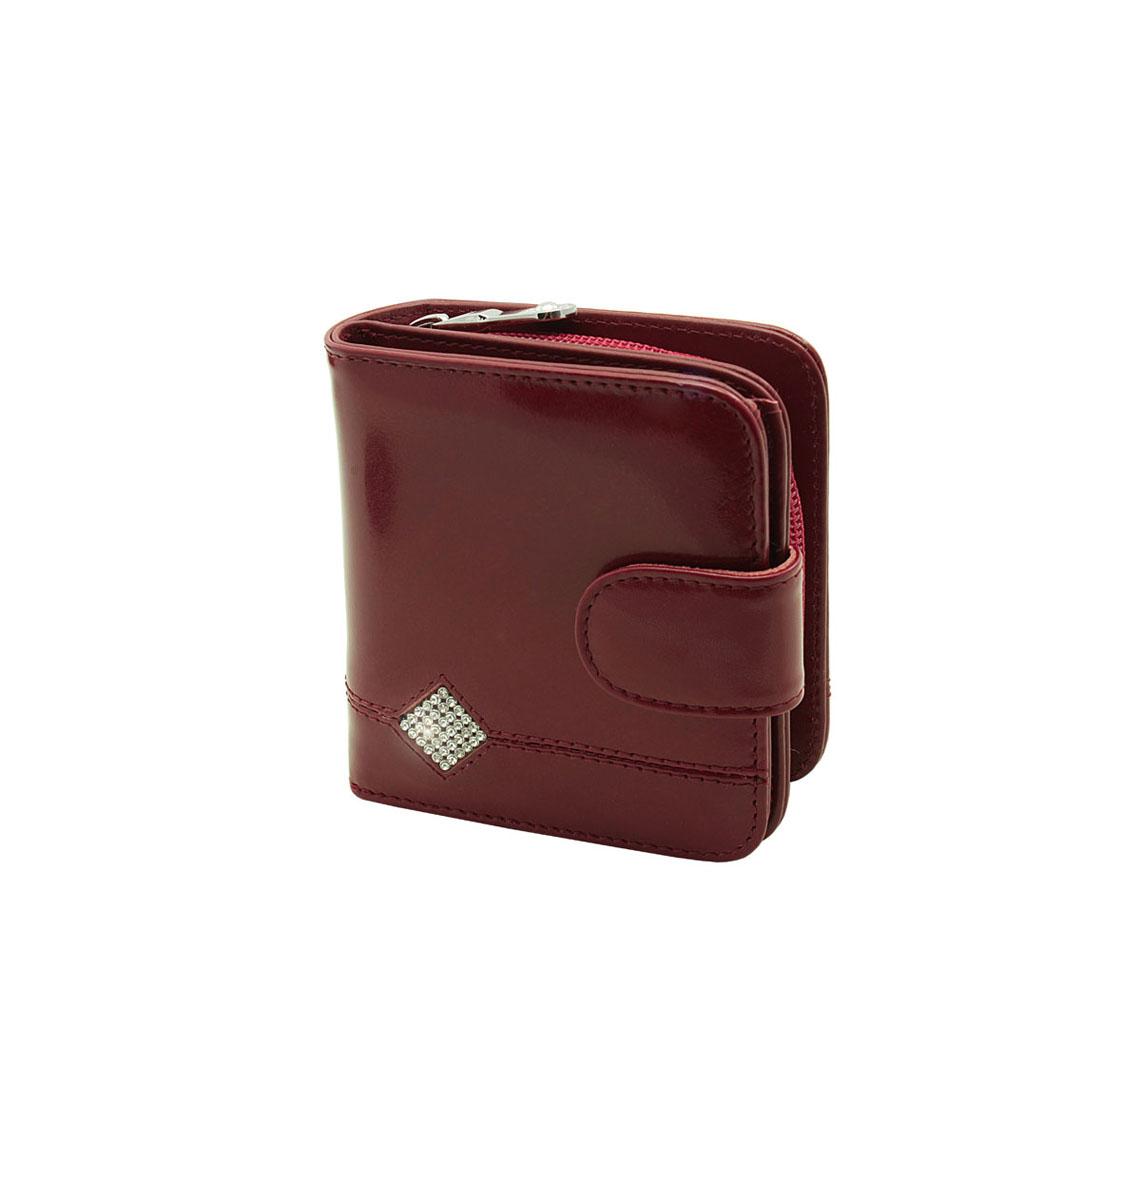 Кошелек женский Dimanche Гранат, цвет: бордовый. 136136Женский кошелек Dimanche Гранат выполнен из натуральной кожи бордового цвета, оформлен стразами, выстроенными в форме ромба и состоит из двух отделений. В первом, закрывающемся на кнопку хлястиком, имеется два отделения для купюр и восемь кармашков для кредитных карт или визиток, два из которых - потайные. Второе отделение для мелочи закрывается на застежку-молнию, внутри содержится перегородка. Такой кошелек станет отличным подарком для человека, ценящего качественные и стильные вещи. Кошелек упакован в фирменную подарочную коробку.